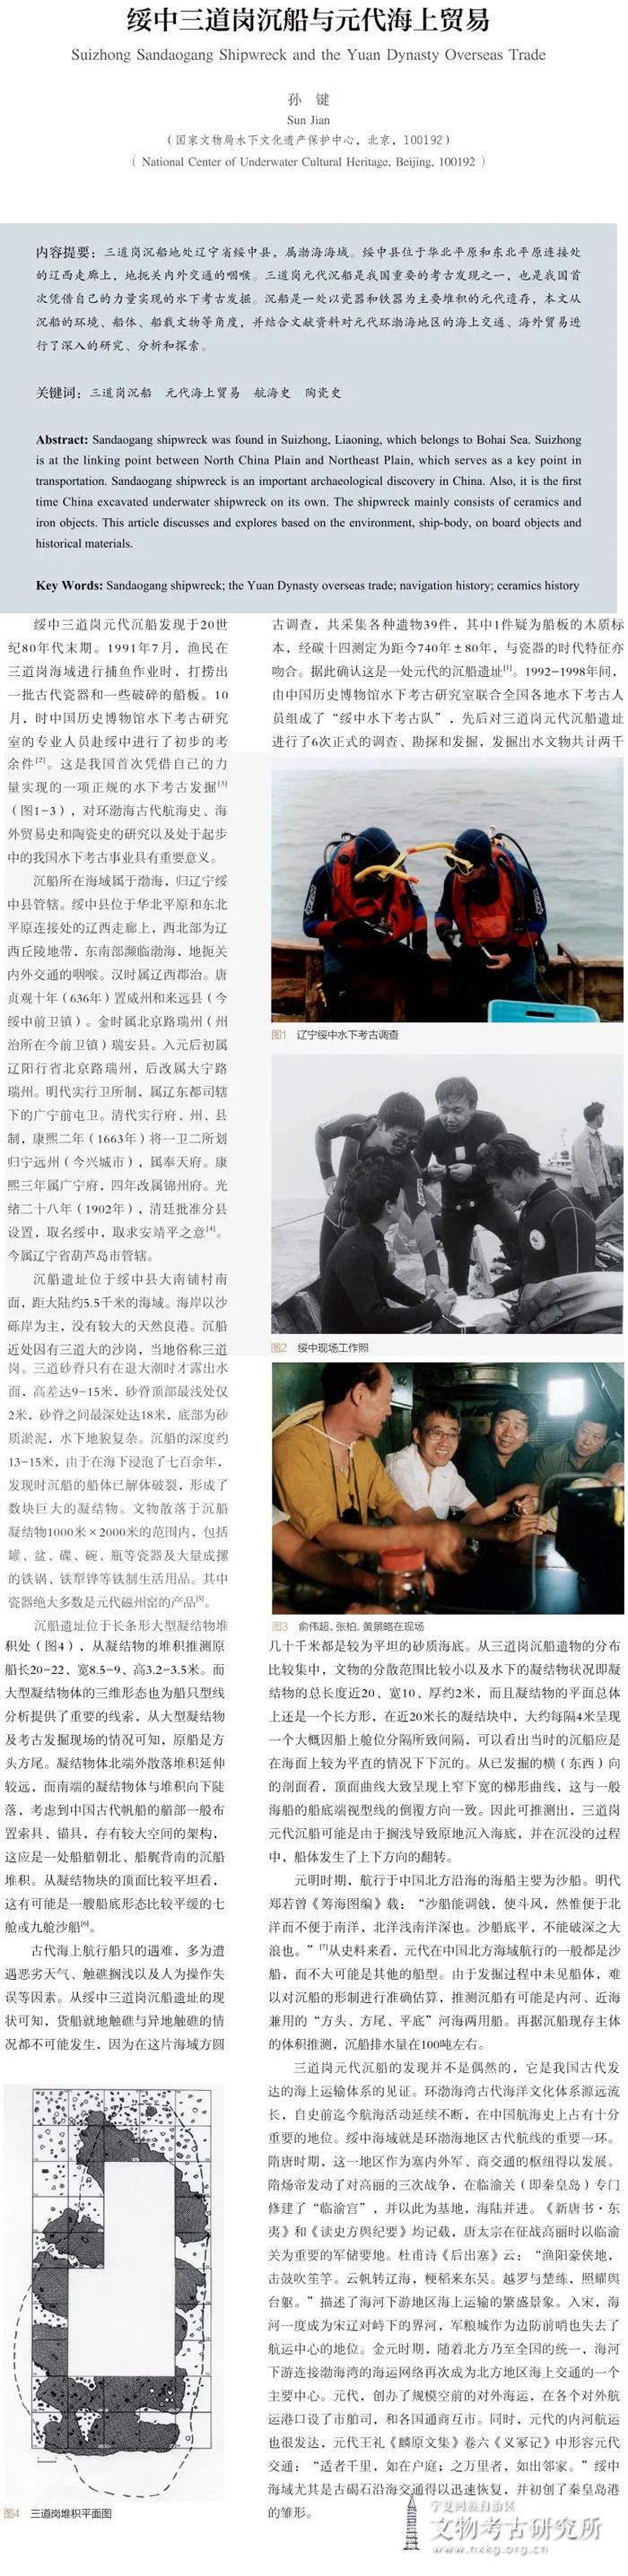 孙键:绥中三道岗沉船与元代海上贸易